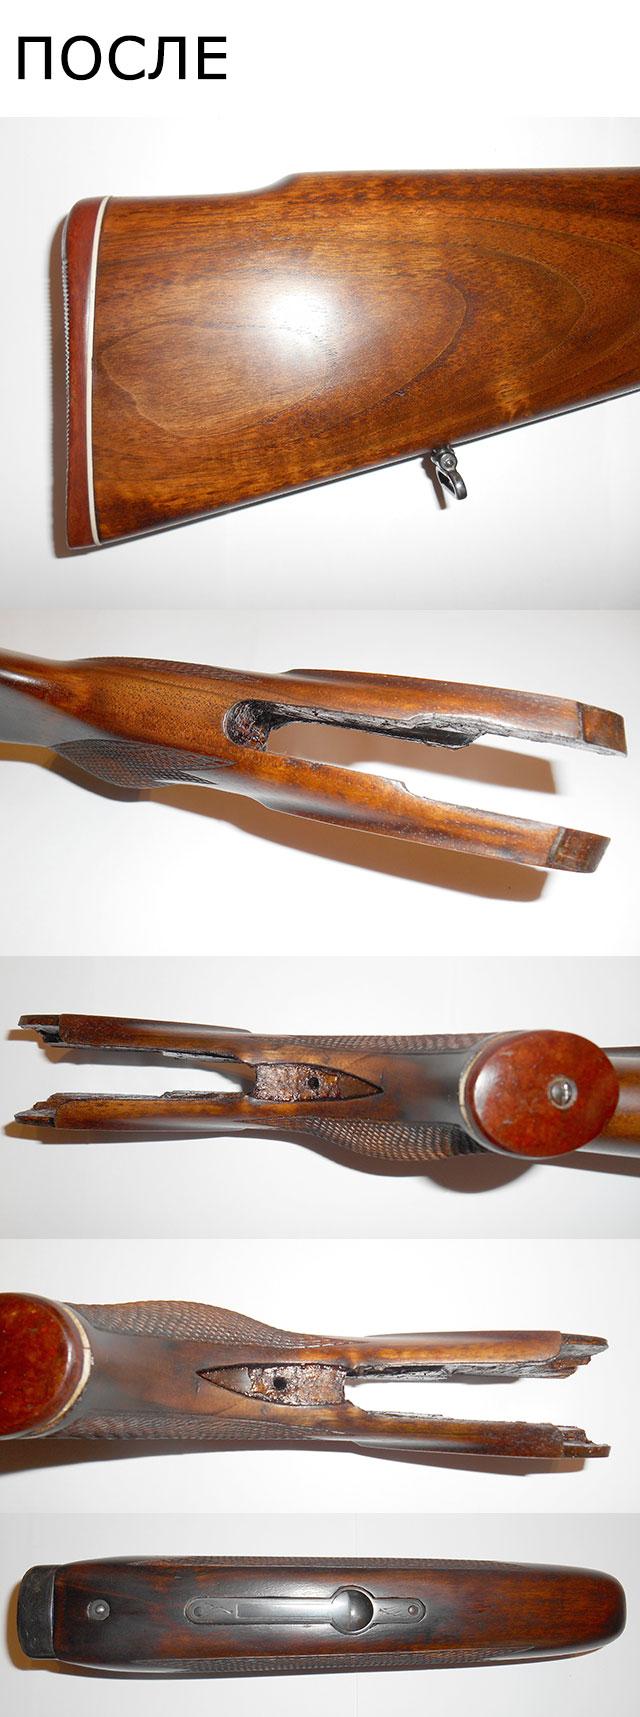 Приклад и цевье ружья ИЖ-12 после реставрации